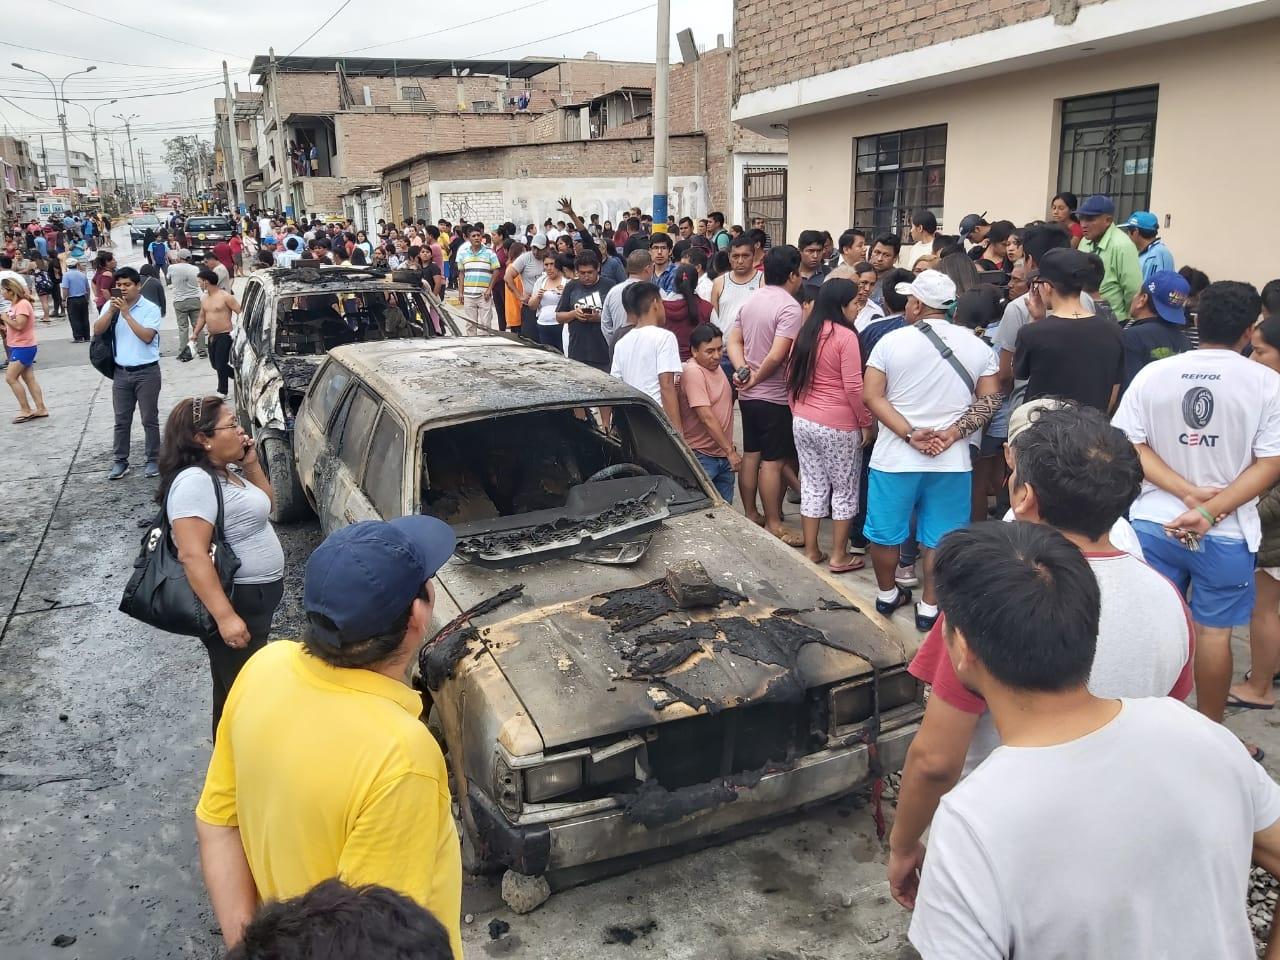 Decenas de vecinos de Villa El Salvador observan los daños del fuego a varios vehículos luego de la explosión de un camióncisternaque transportaba gas.